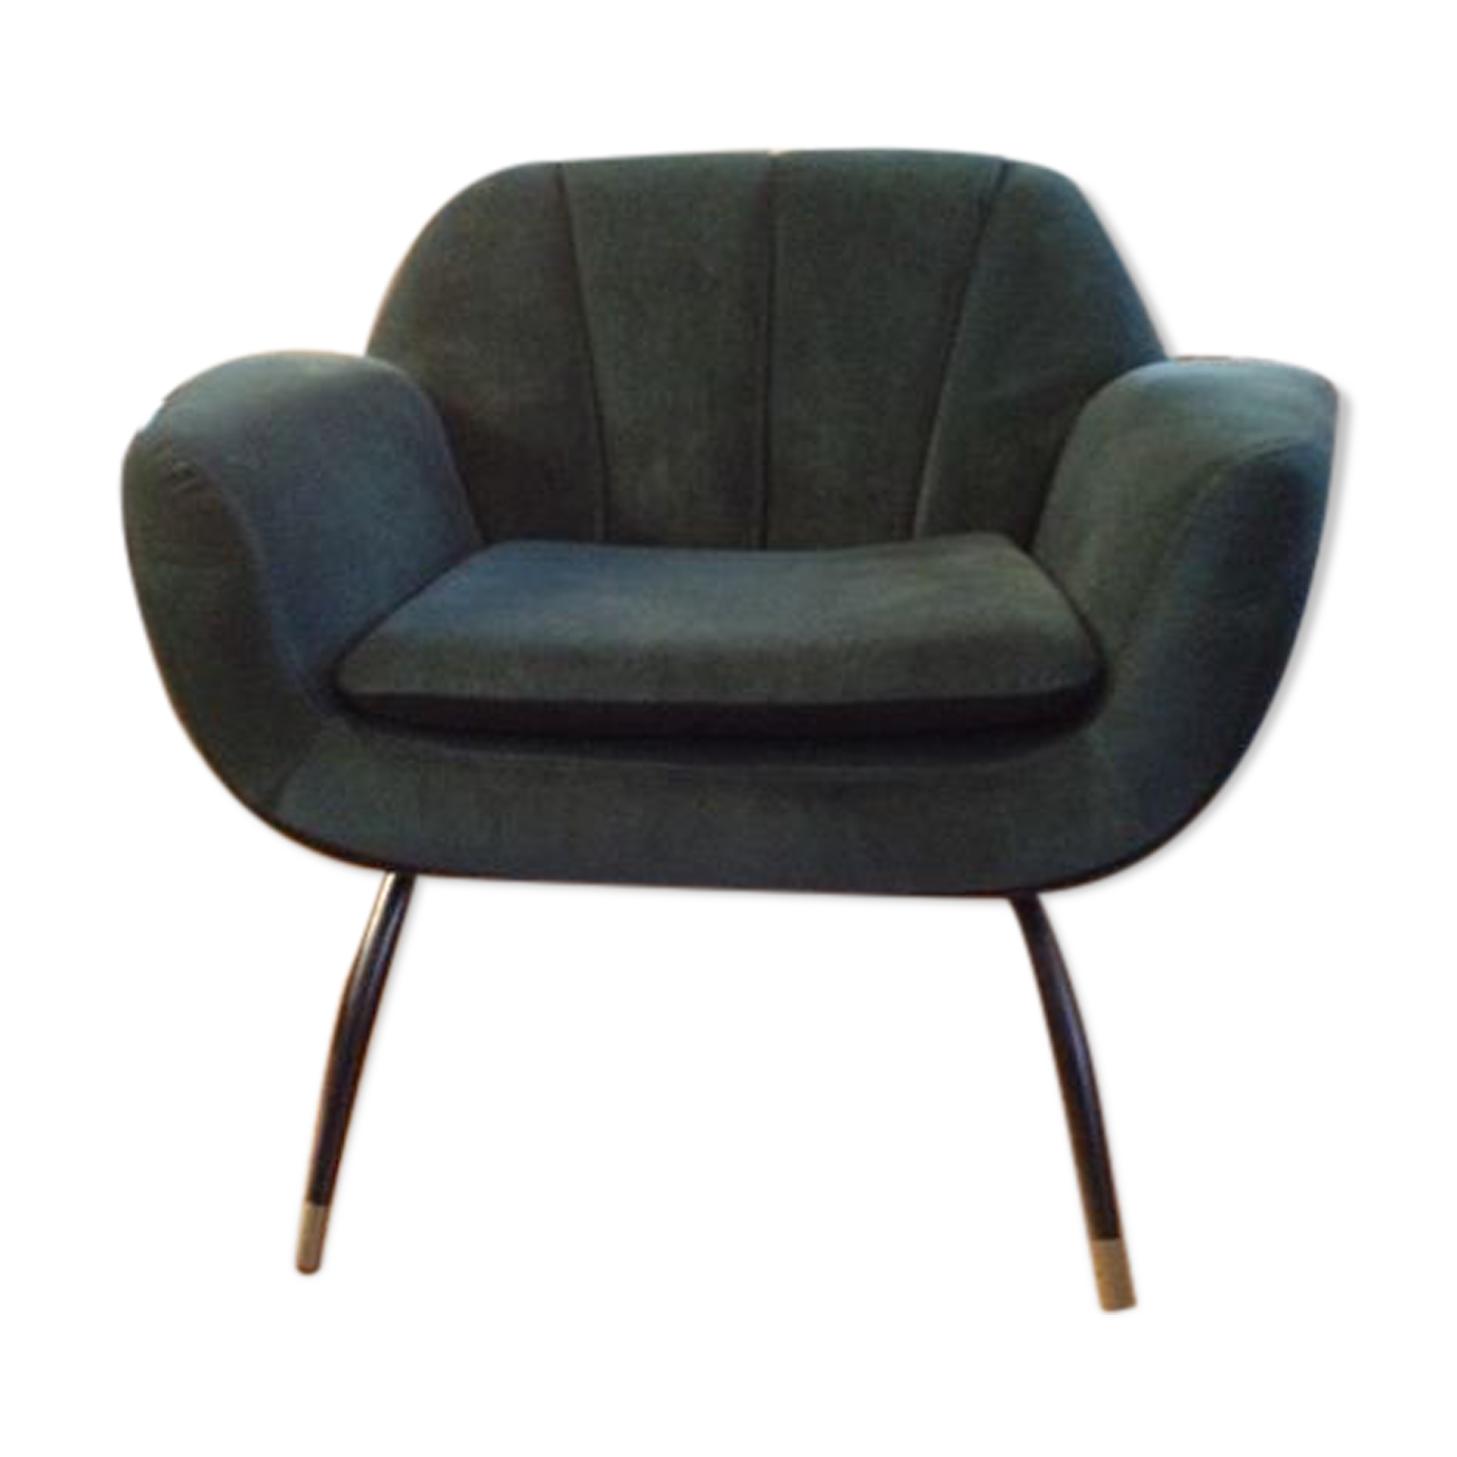 Fauteuil design velours salon club rembourrage luxe siège métal vert fumé.